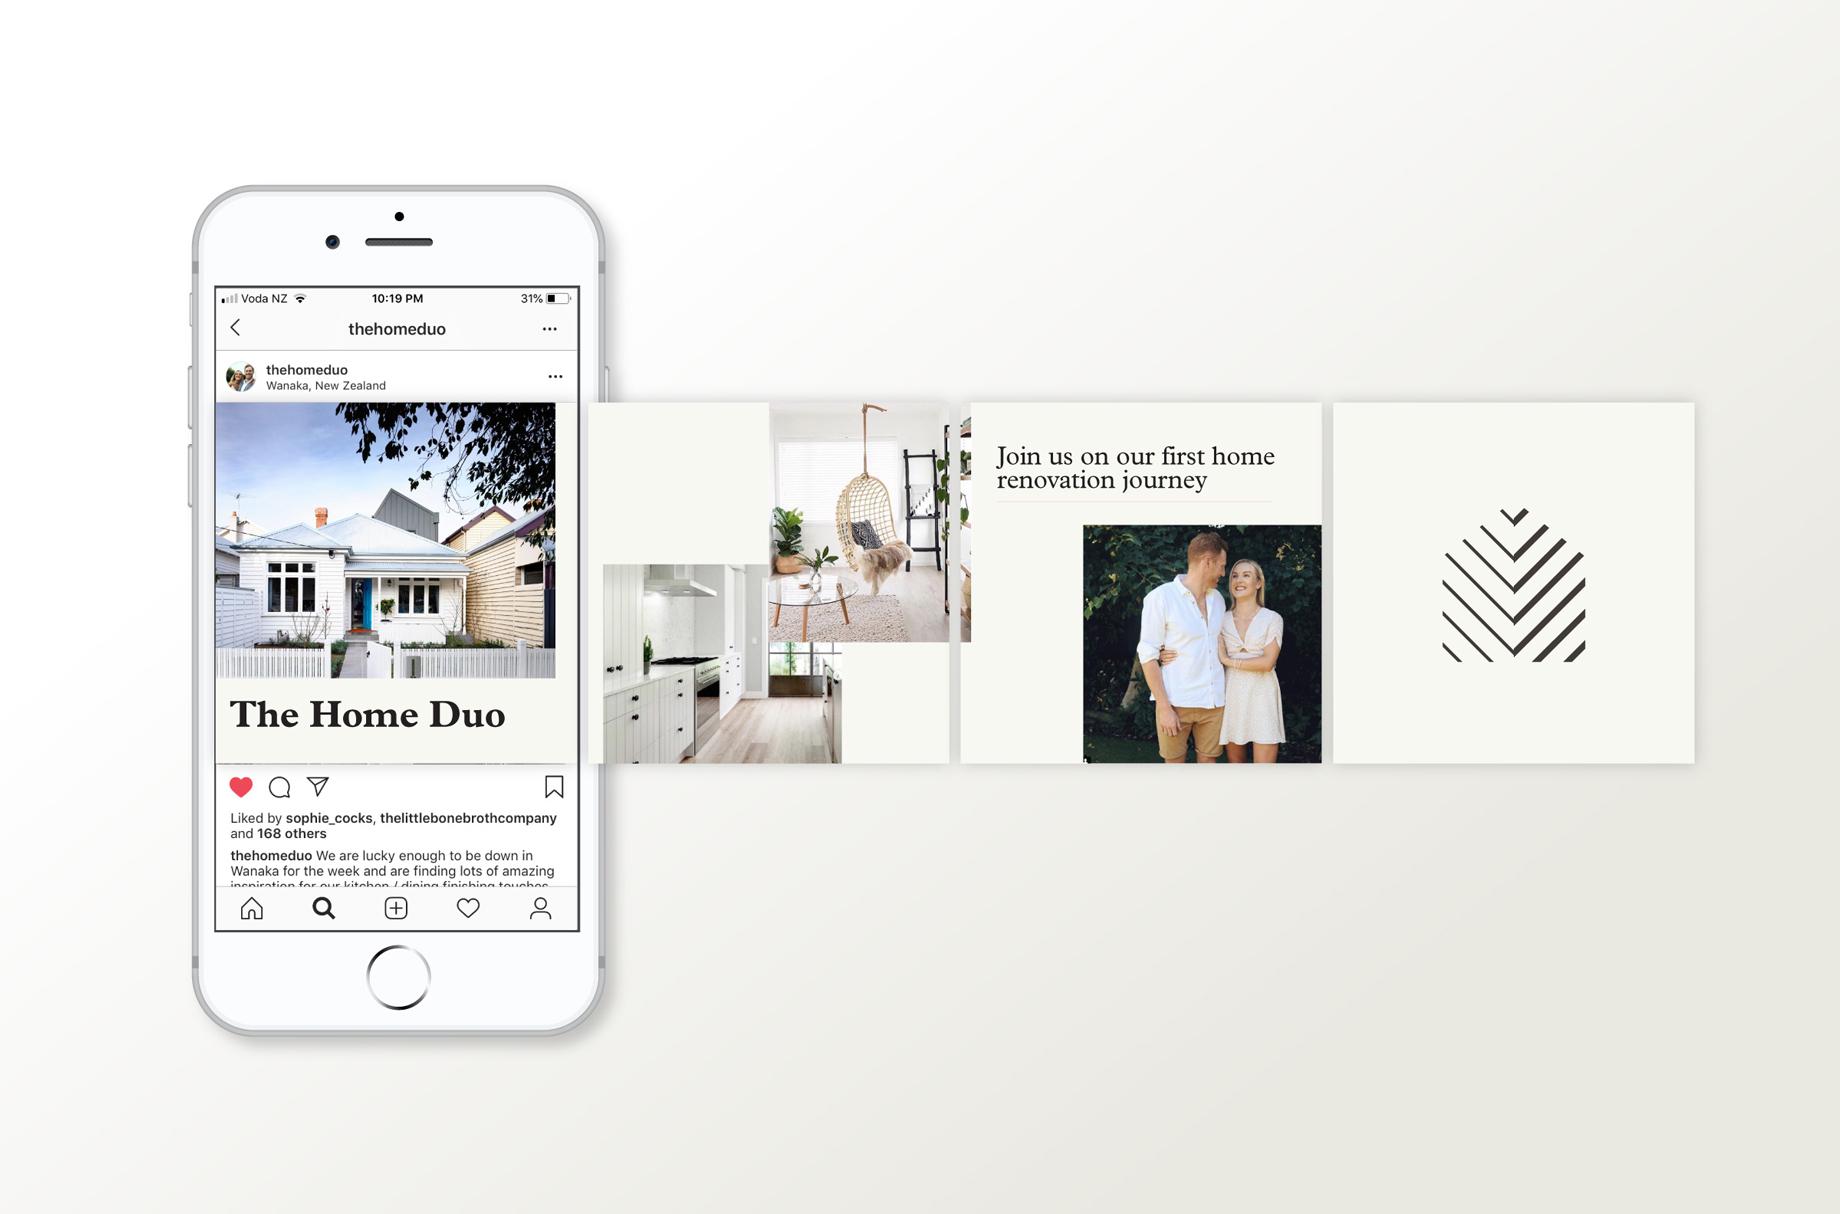 Instagram mockup for home renovation blog